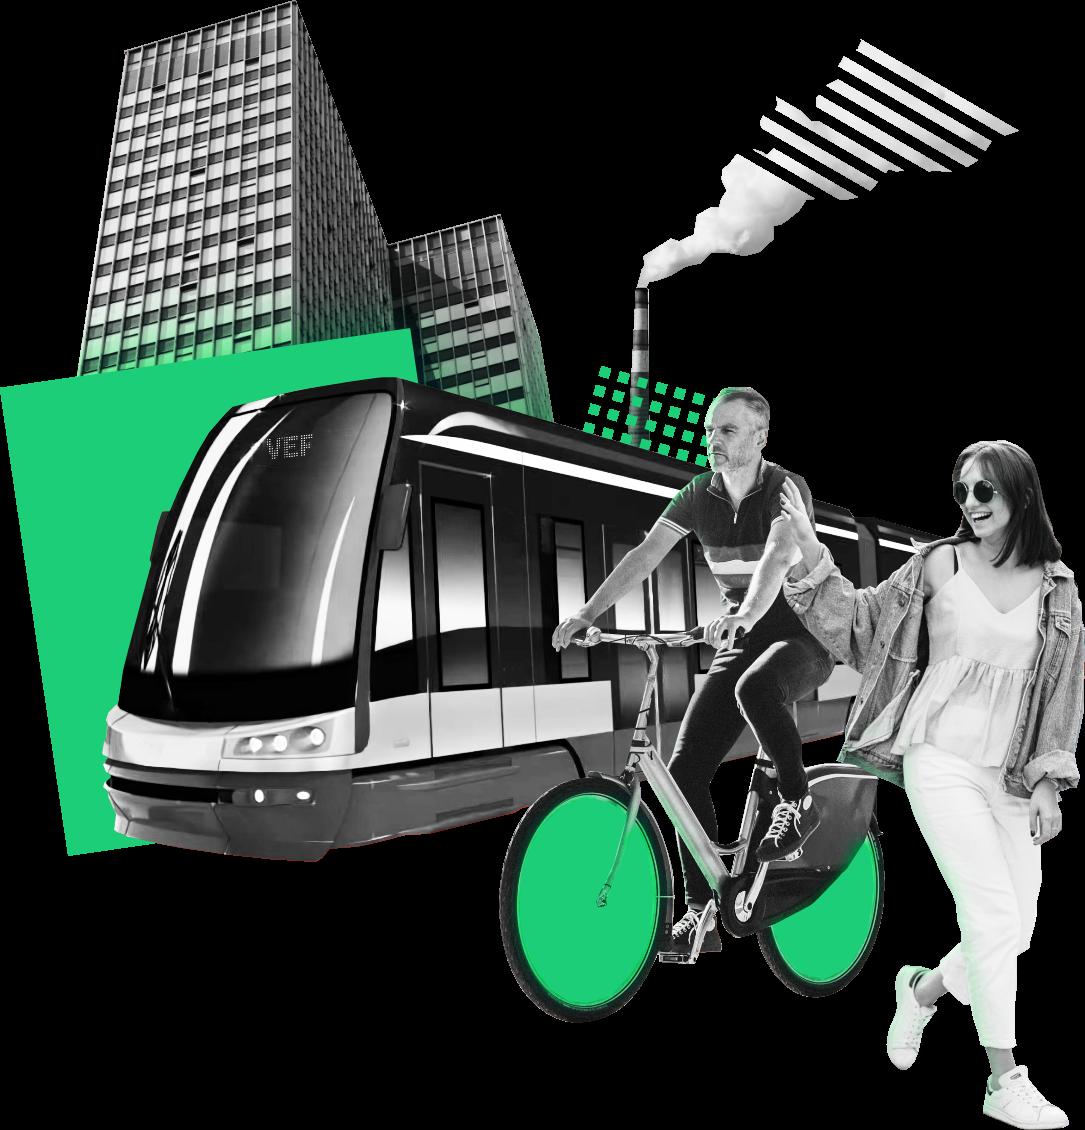 Ilustratīvs pilsētas attēls ar daudzstāvu ēku, tramvaju, velosipēdistu un smaidīgu gājēju.